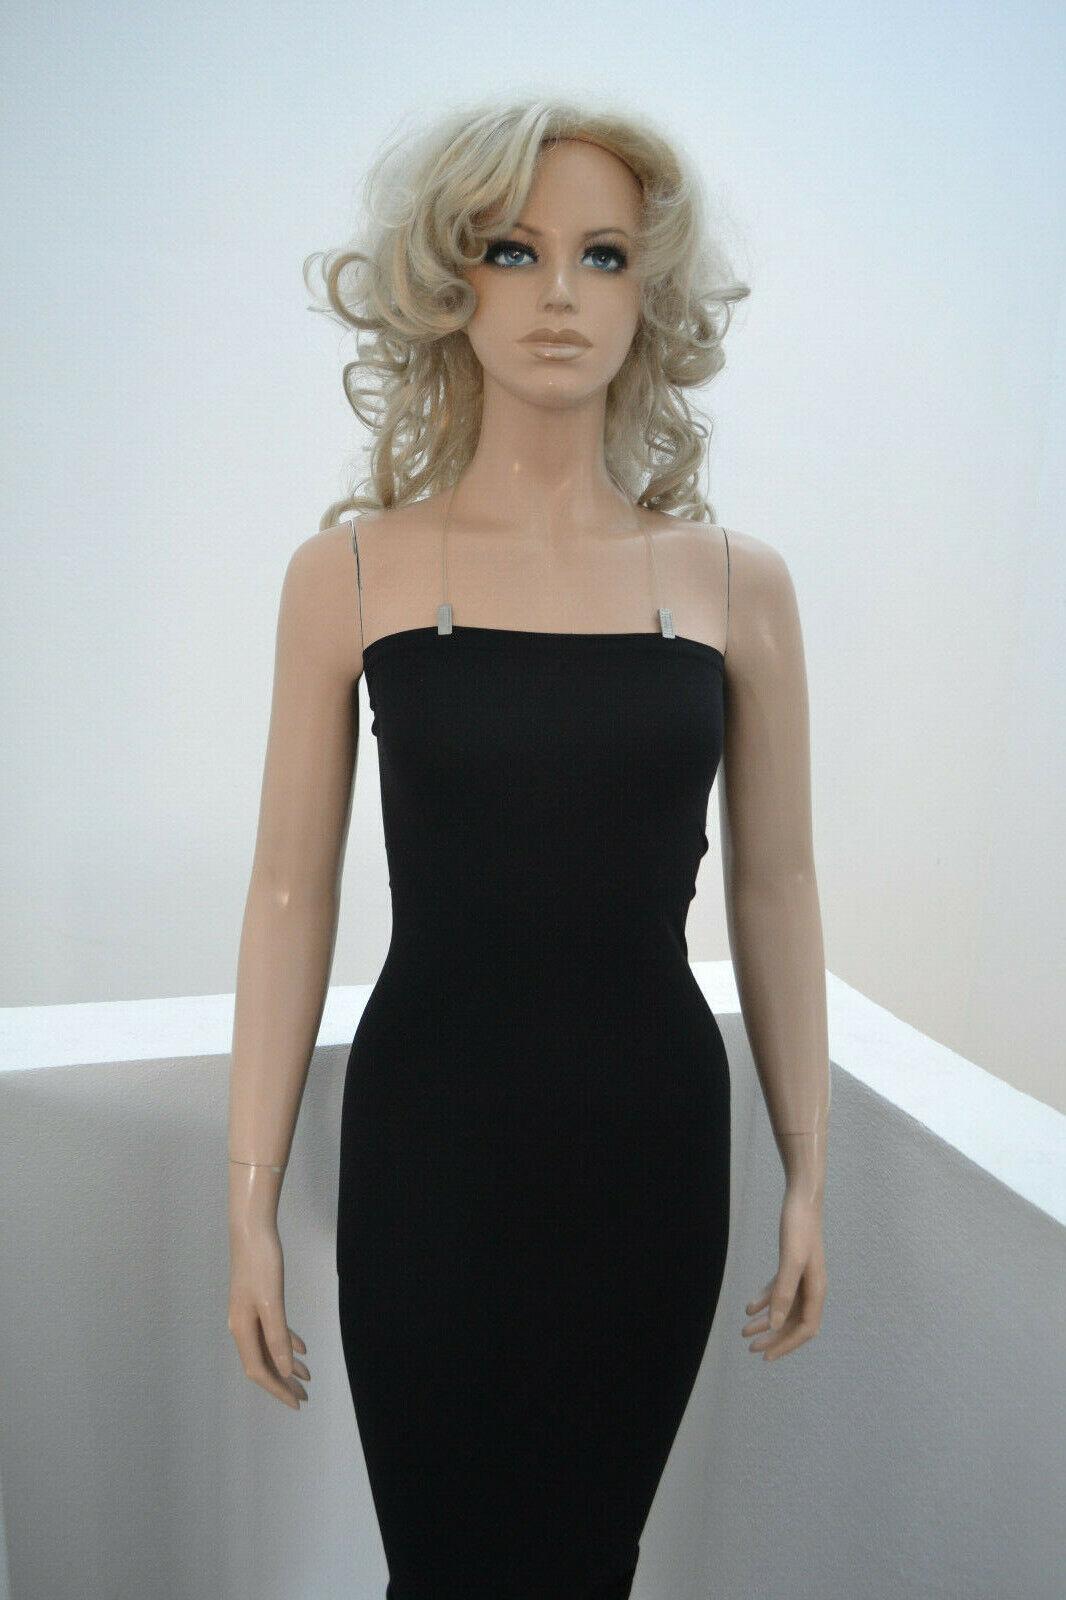 Wolford Fatal Dress Kleid Tube Top Rock schwarz schwarz mit Spaghettiträger